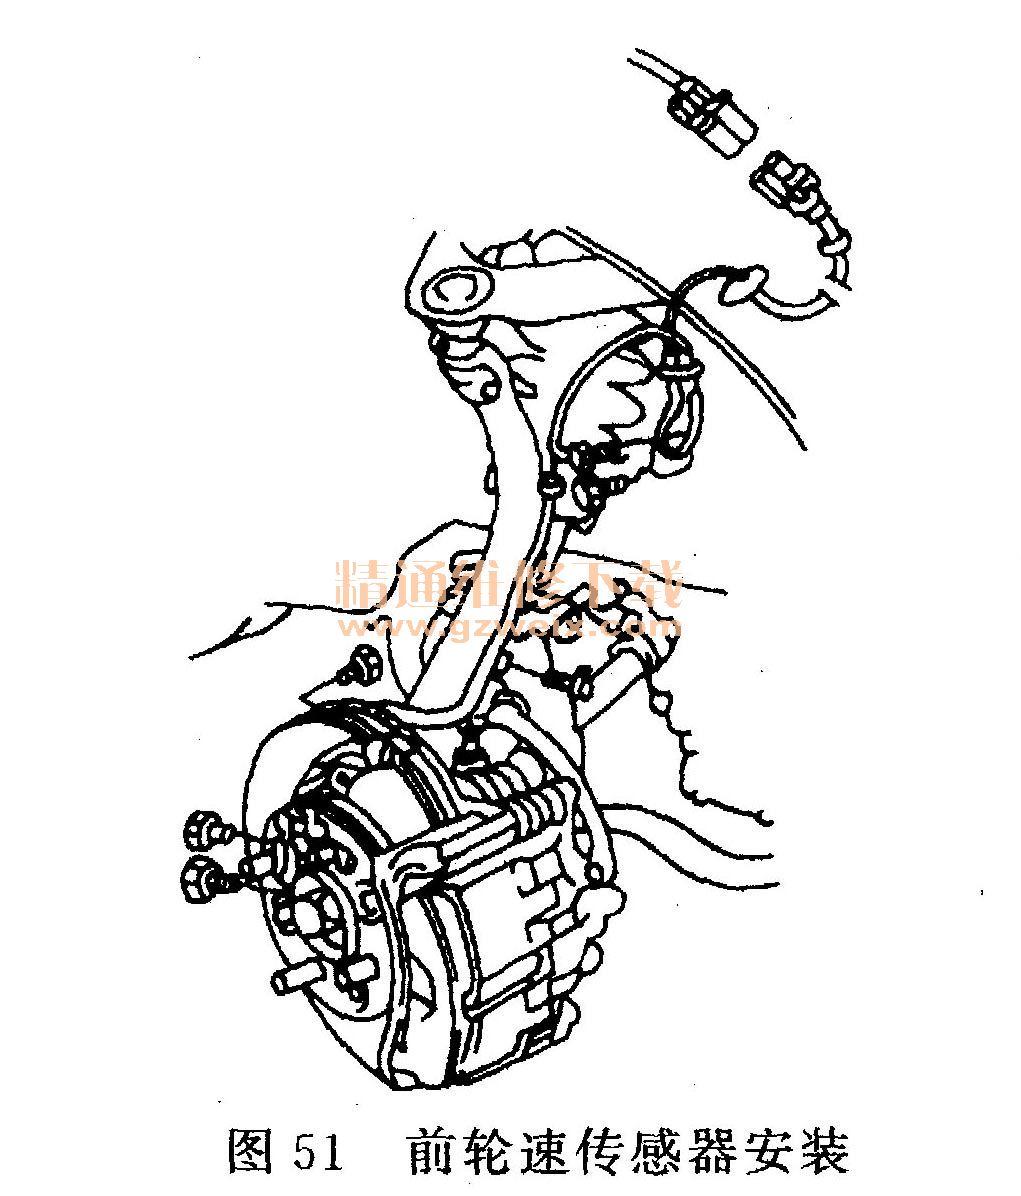 简笔画 设计 矢量 矢量图 手绘 素材 线稿 1021_1196